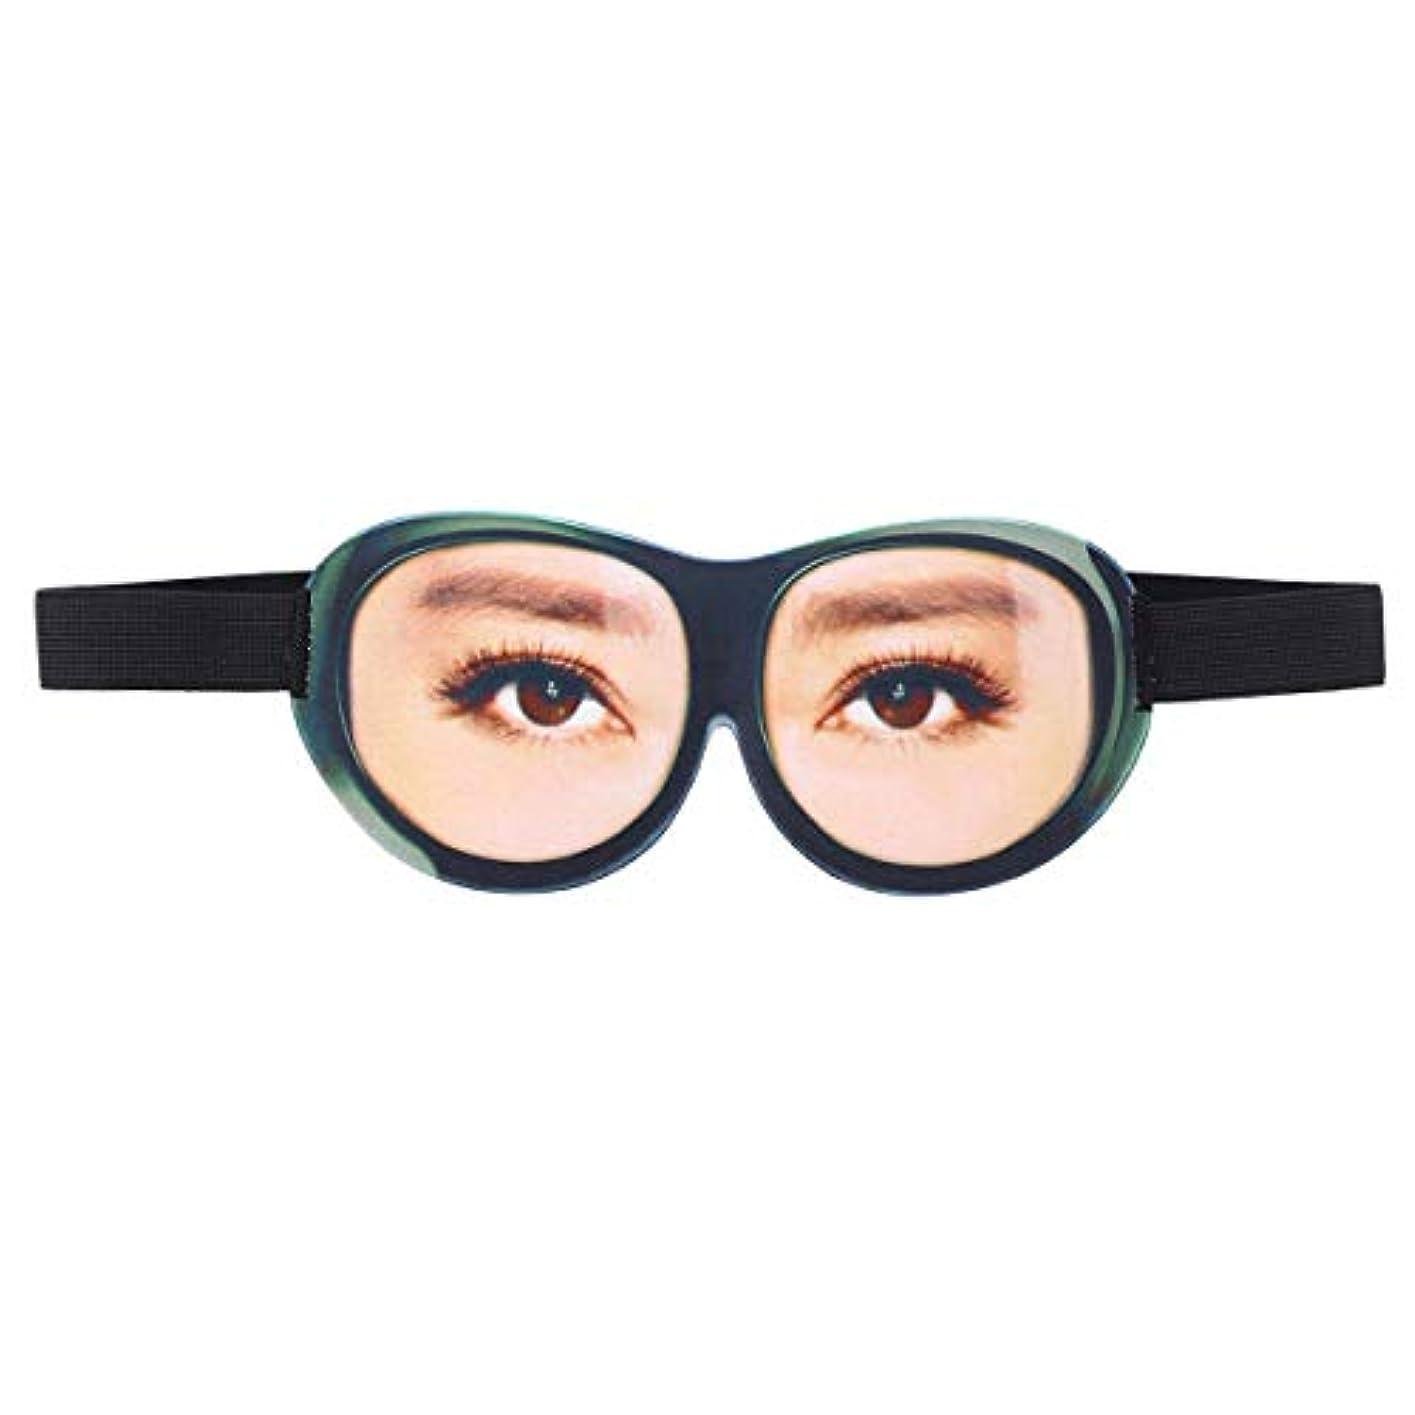 薄める用量農場Healifty 睡眠目隠し3D面白いアイシェード通気性睡眠マスク旅行睡眠ヘルパーアイシェード用男性と女性